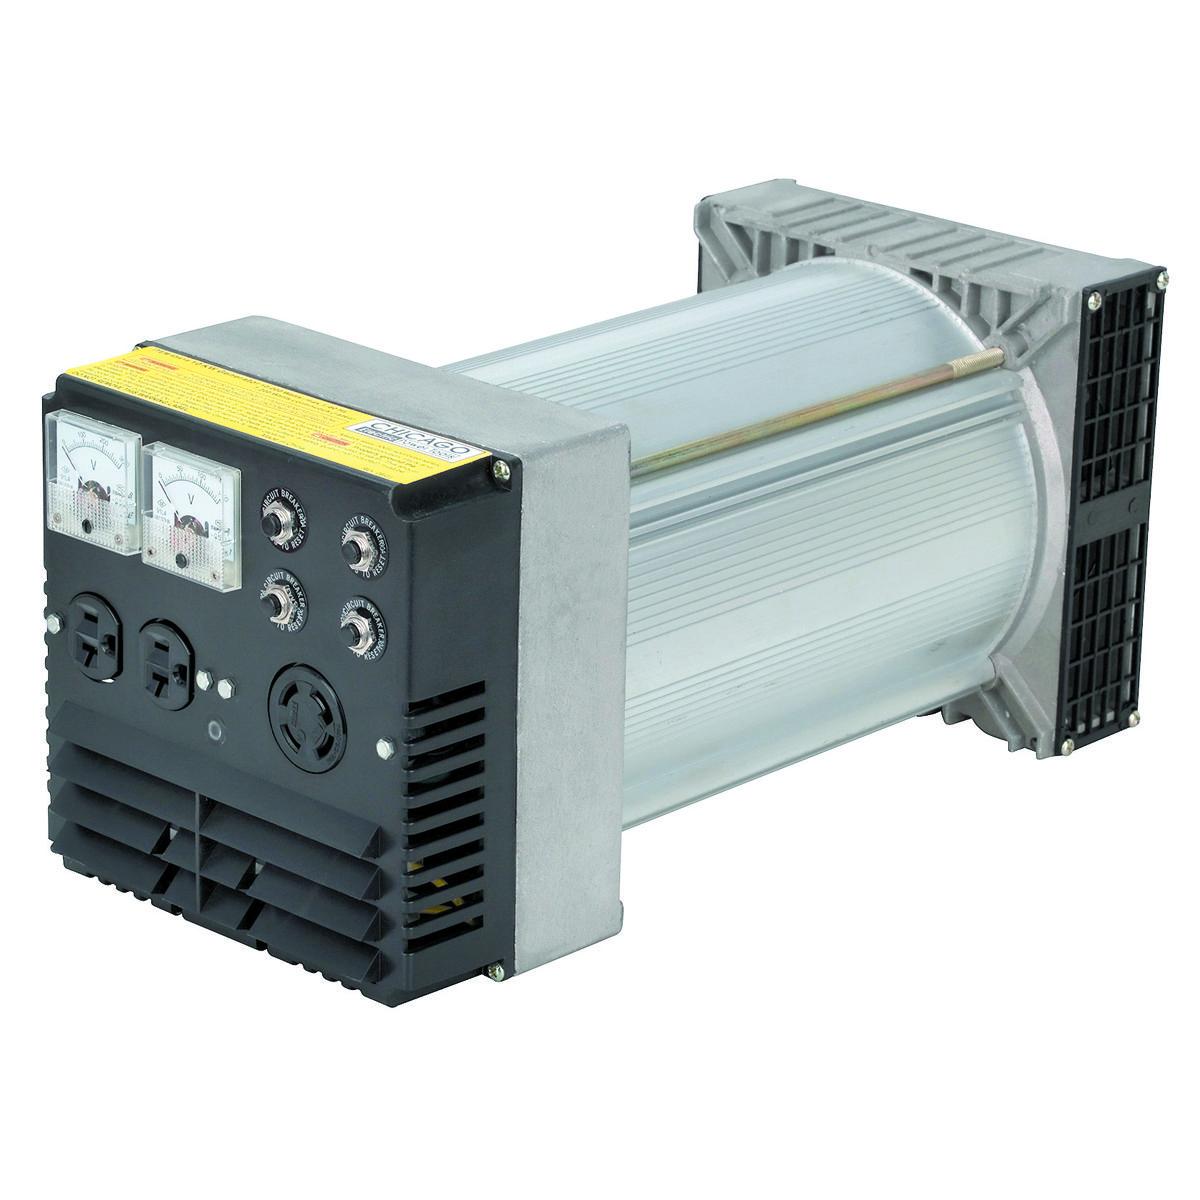 10000 Max Starting 7200 Running Watts Generator Head